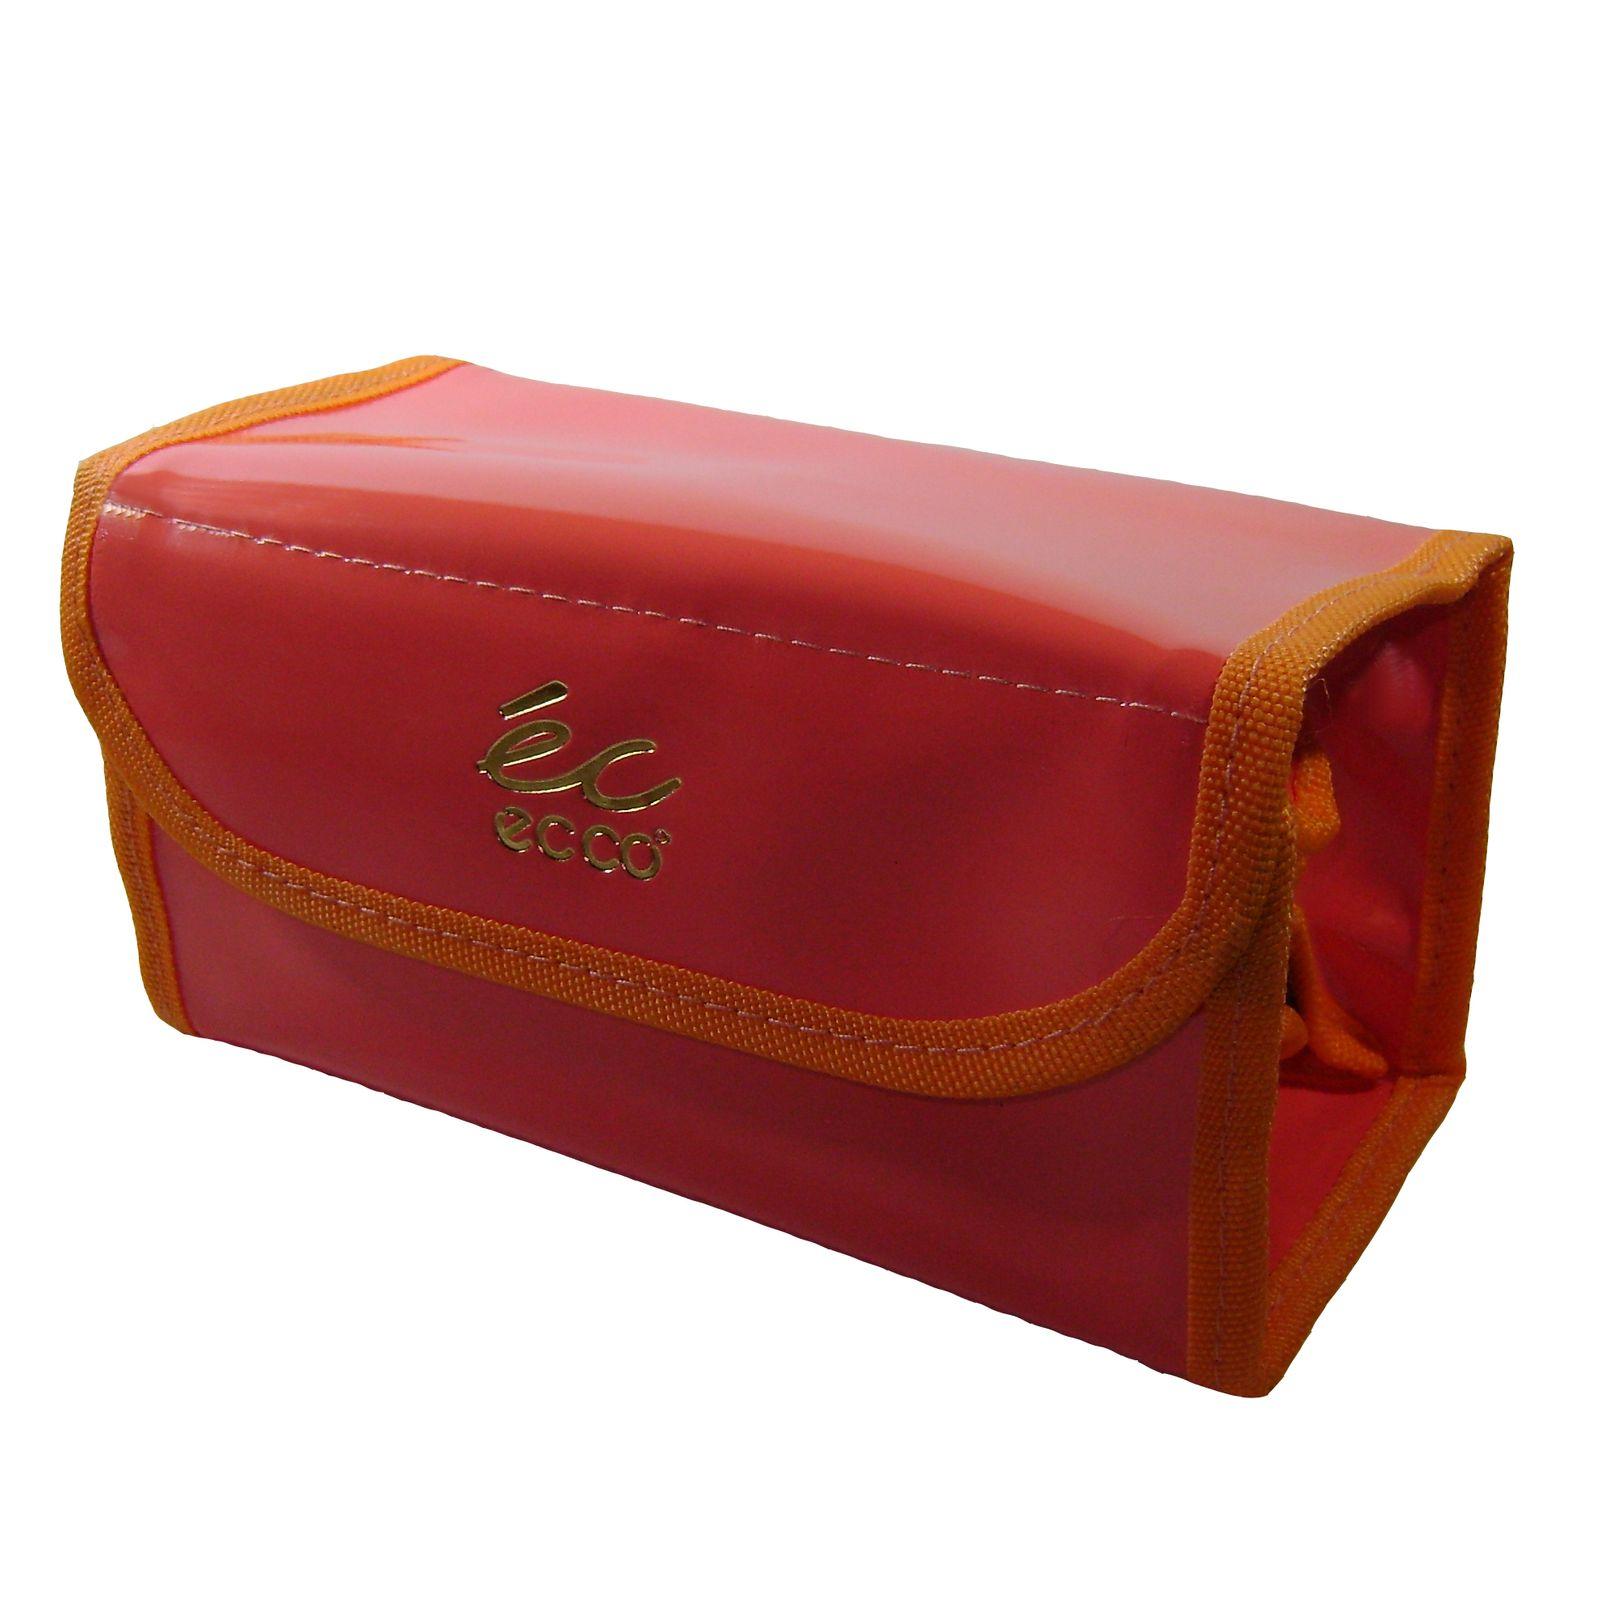 کیف لوازم آرایش زنانه کد 4488ROL -  - 2